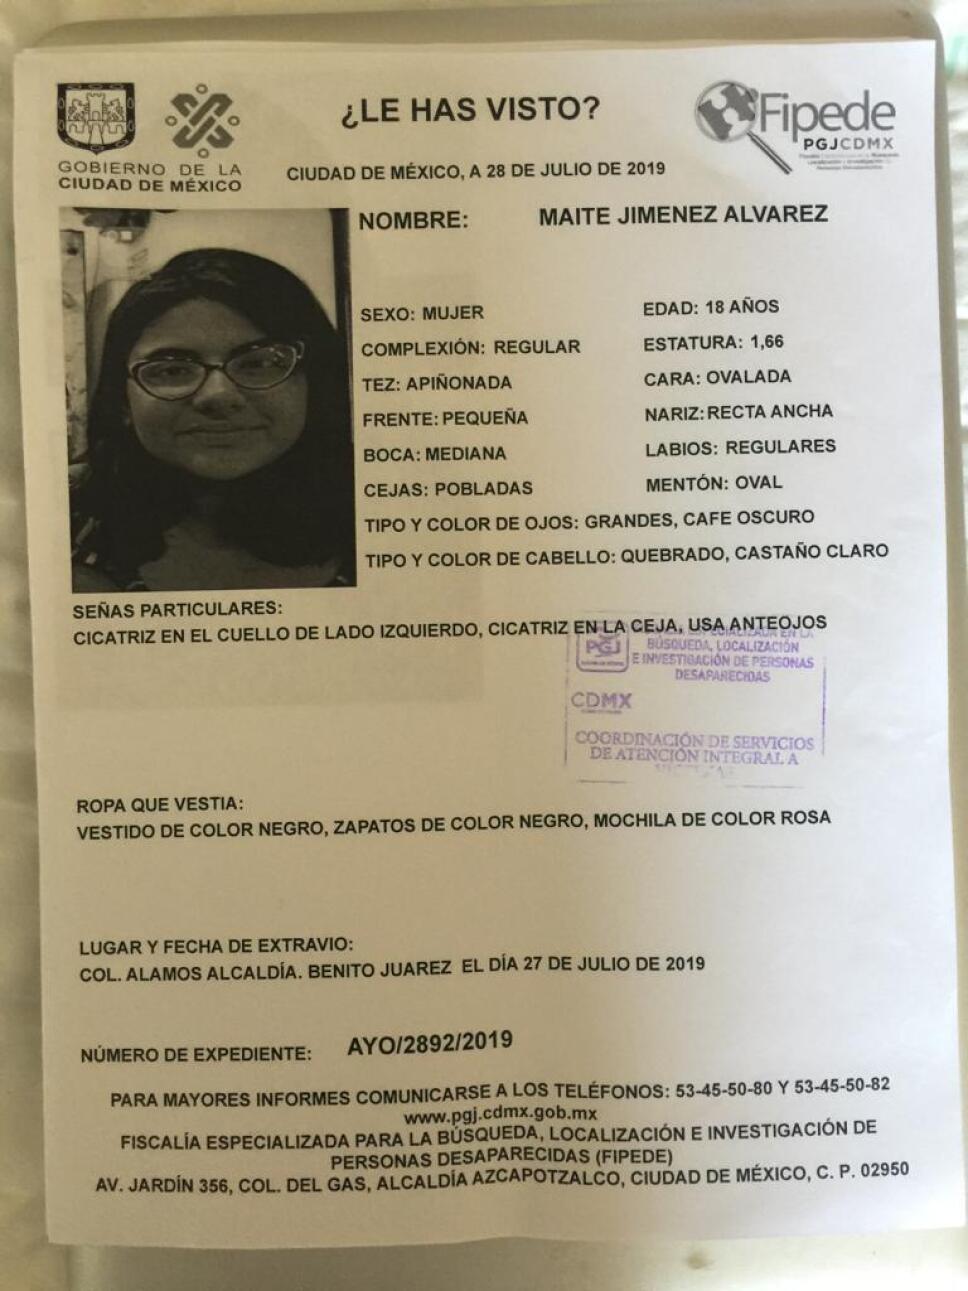 Ayúdanos a encontrar a Maité Jiménez Álvarez